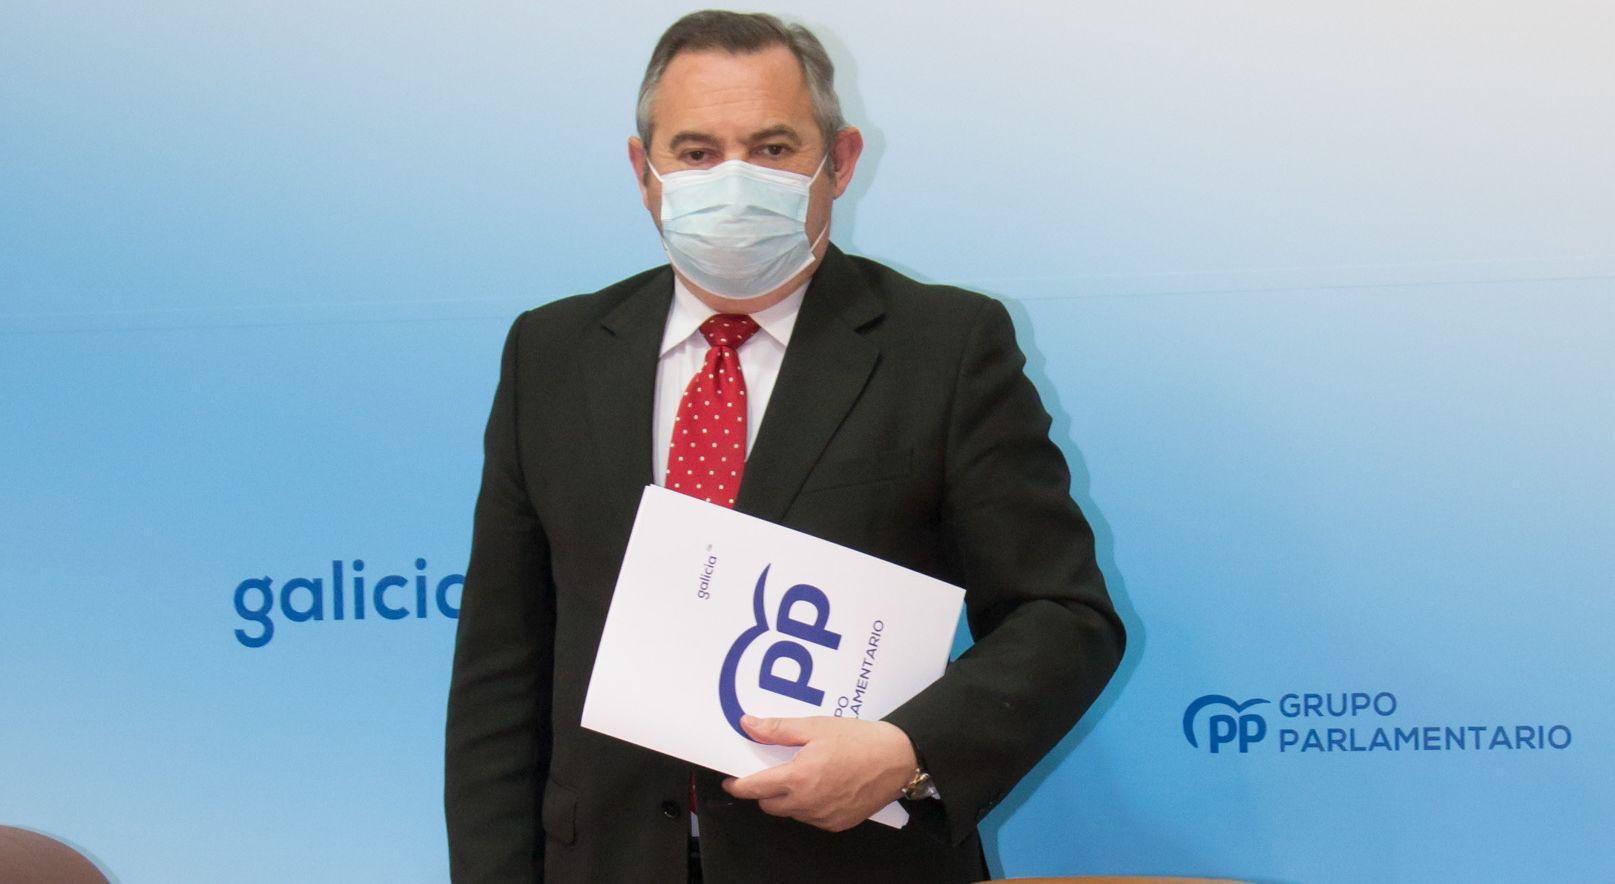 O Parlamento galego demanda o remate da VAC Ferrol-San Cibrao e a construción da autovía da Mariña